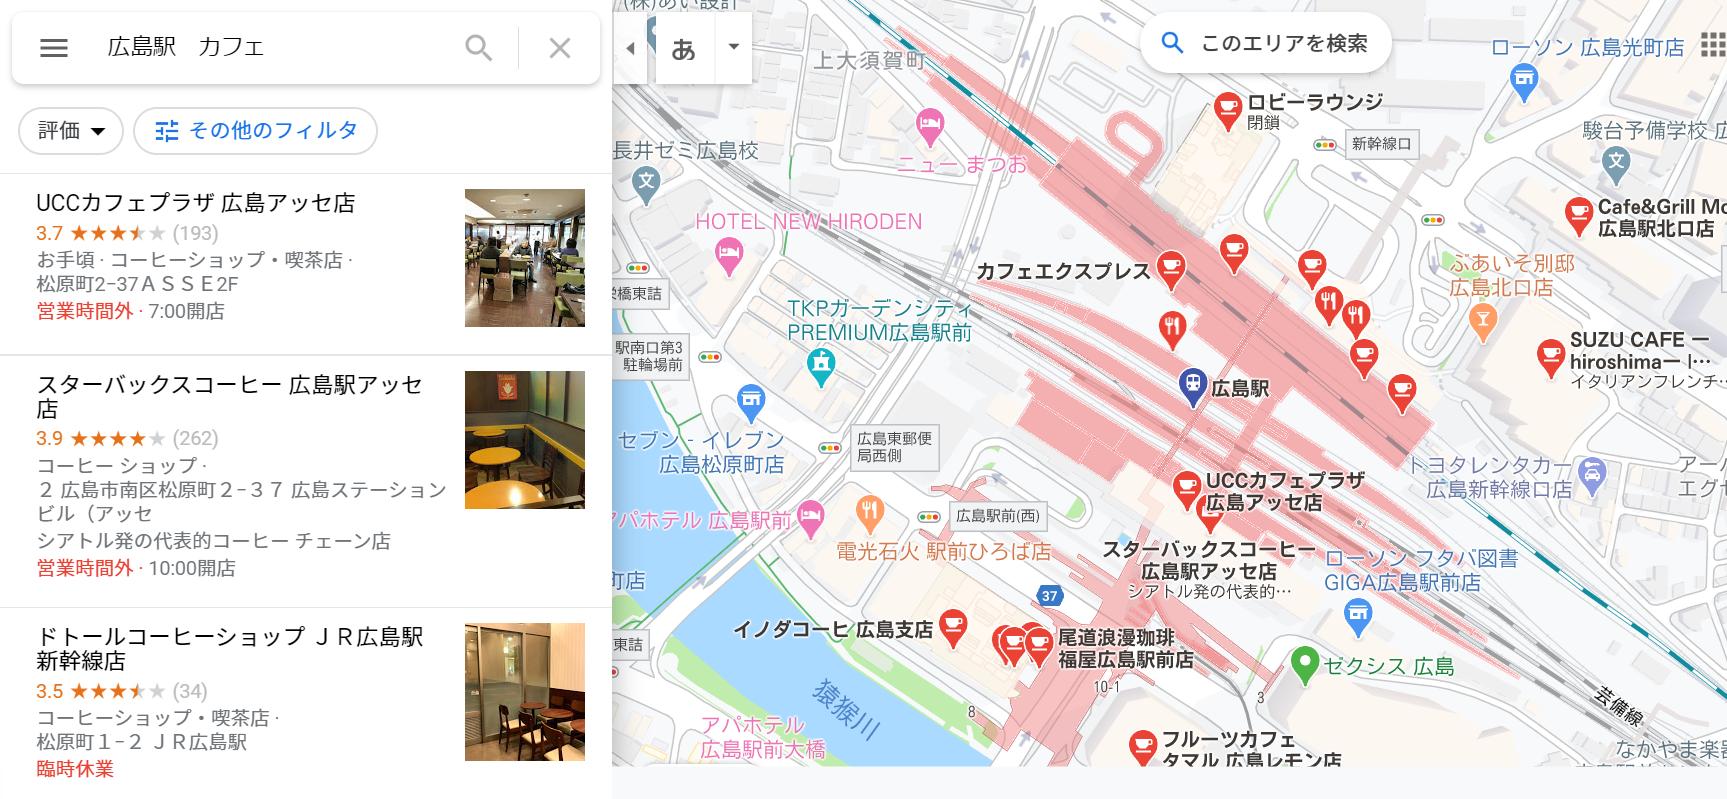 広島駅 カフェでGooglマップ検索